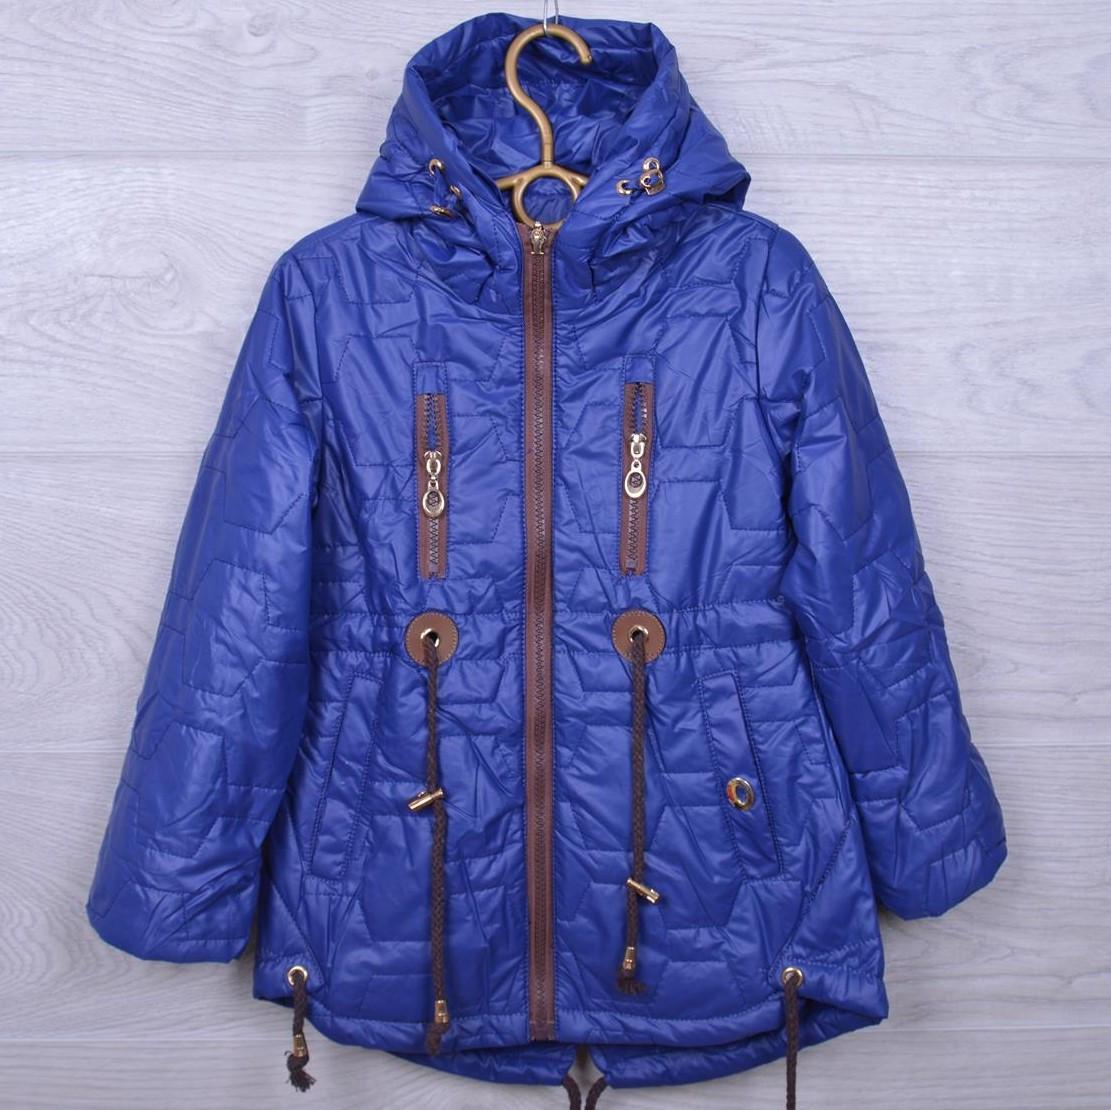 Куртка детская демисезонная Кузя #А-8 для девочек. 110-134 см. Синяя. Оптом.